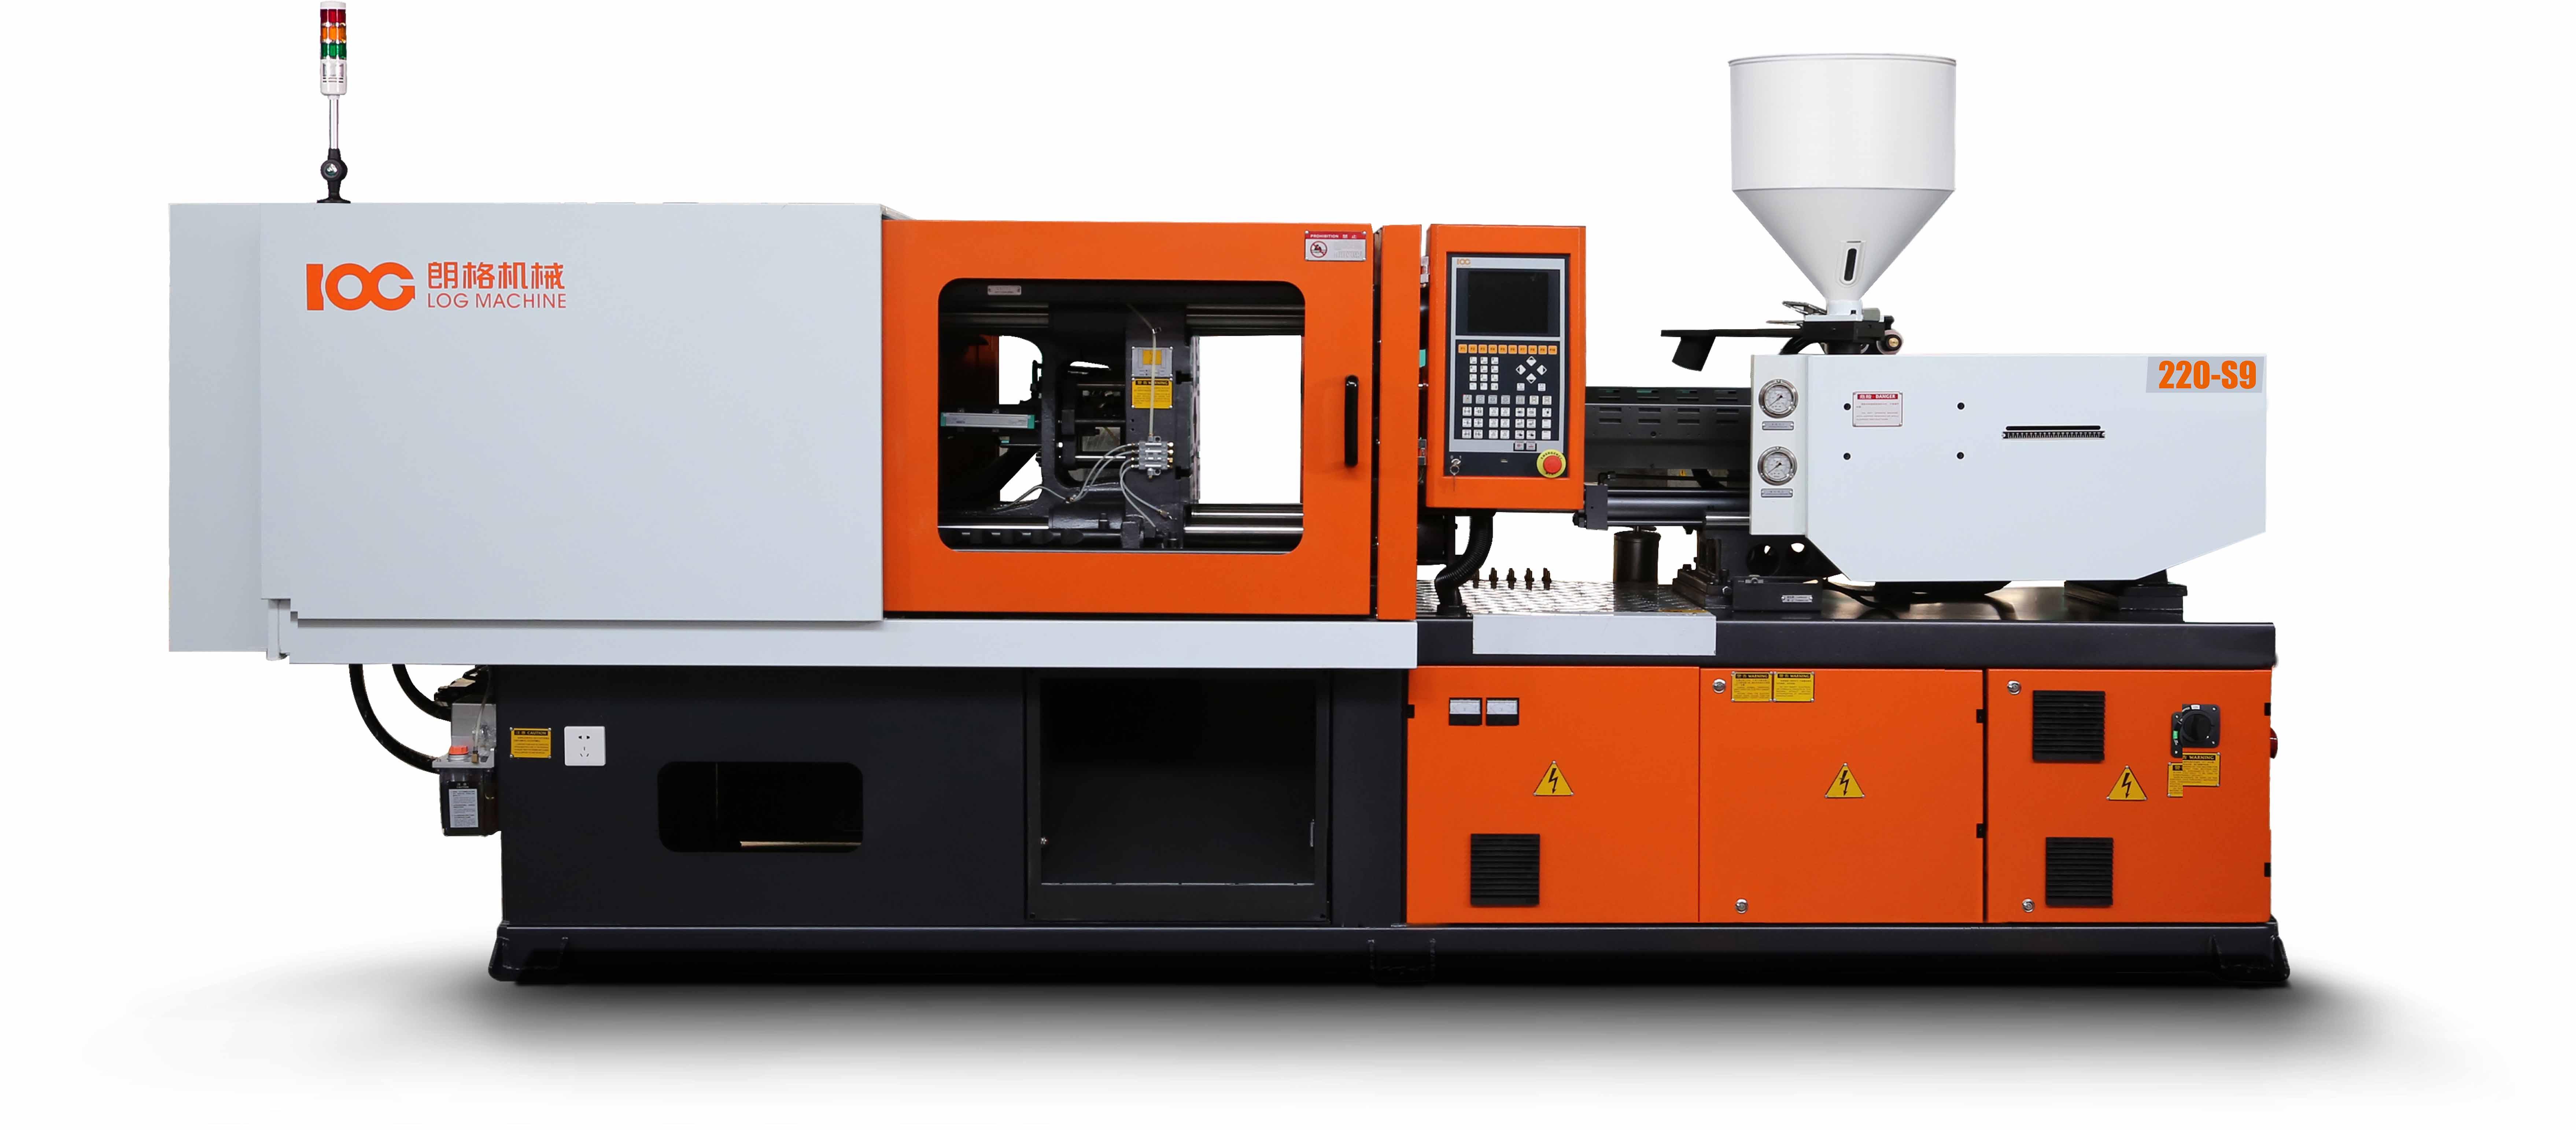 Système de servomoteur LOG-S9 220T et machine de moulage par injection à économie d'énergie